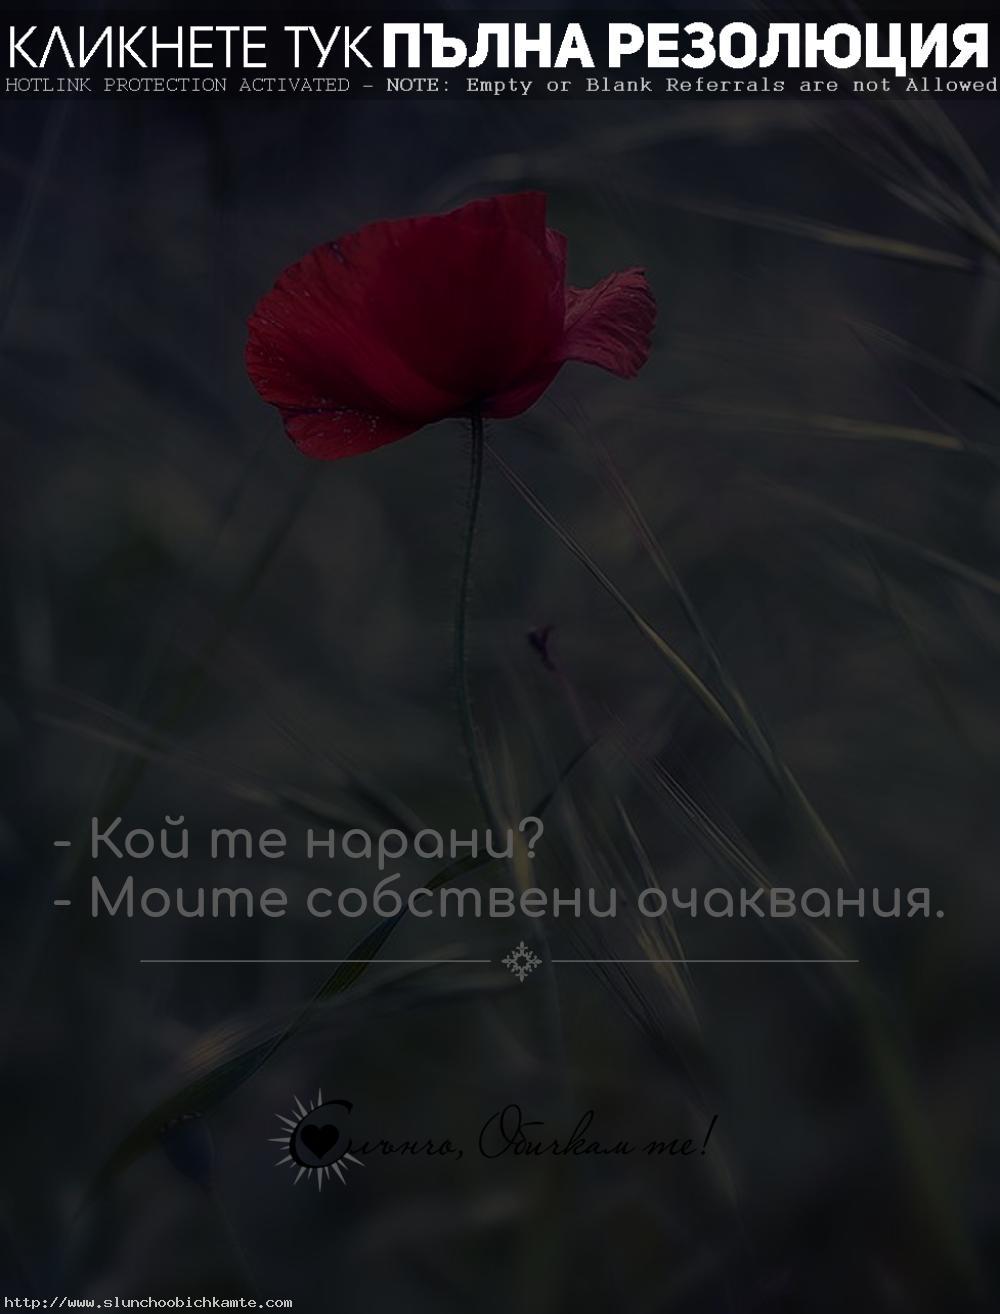 Кой те нарани? Моите собствени очаквания - Любов, любовни мисли, статуси, цитати, фрази, обич, разочарование, раздяла, фалшиви хора, наранена, червен мак, обичам те, очаквам прекалено много, изневяра, вяра, честност, искреност, лъжи, предателство, зарязване, счупено разбито сърце, не трябва да очакваме нищо от никой, очаквах прекалено много, несподелена любов, невъзможна любов